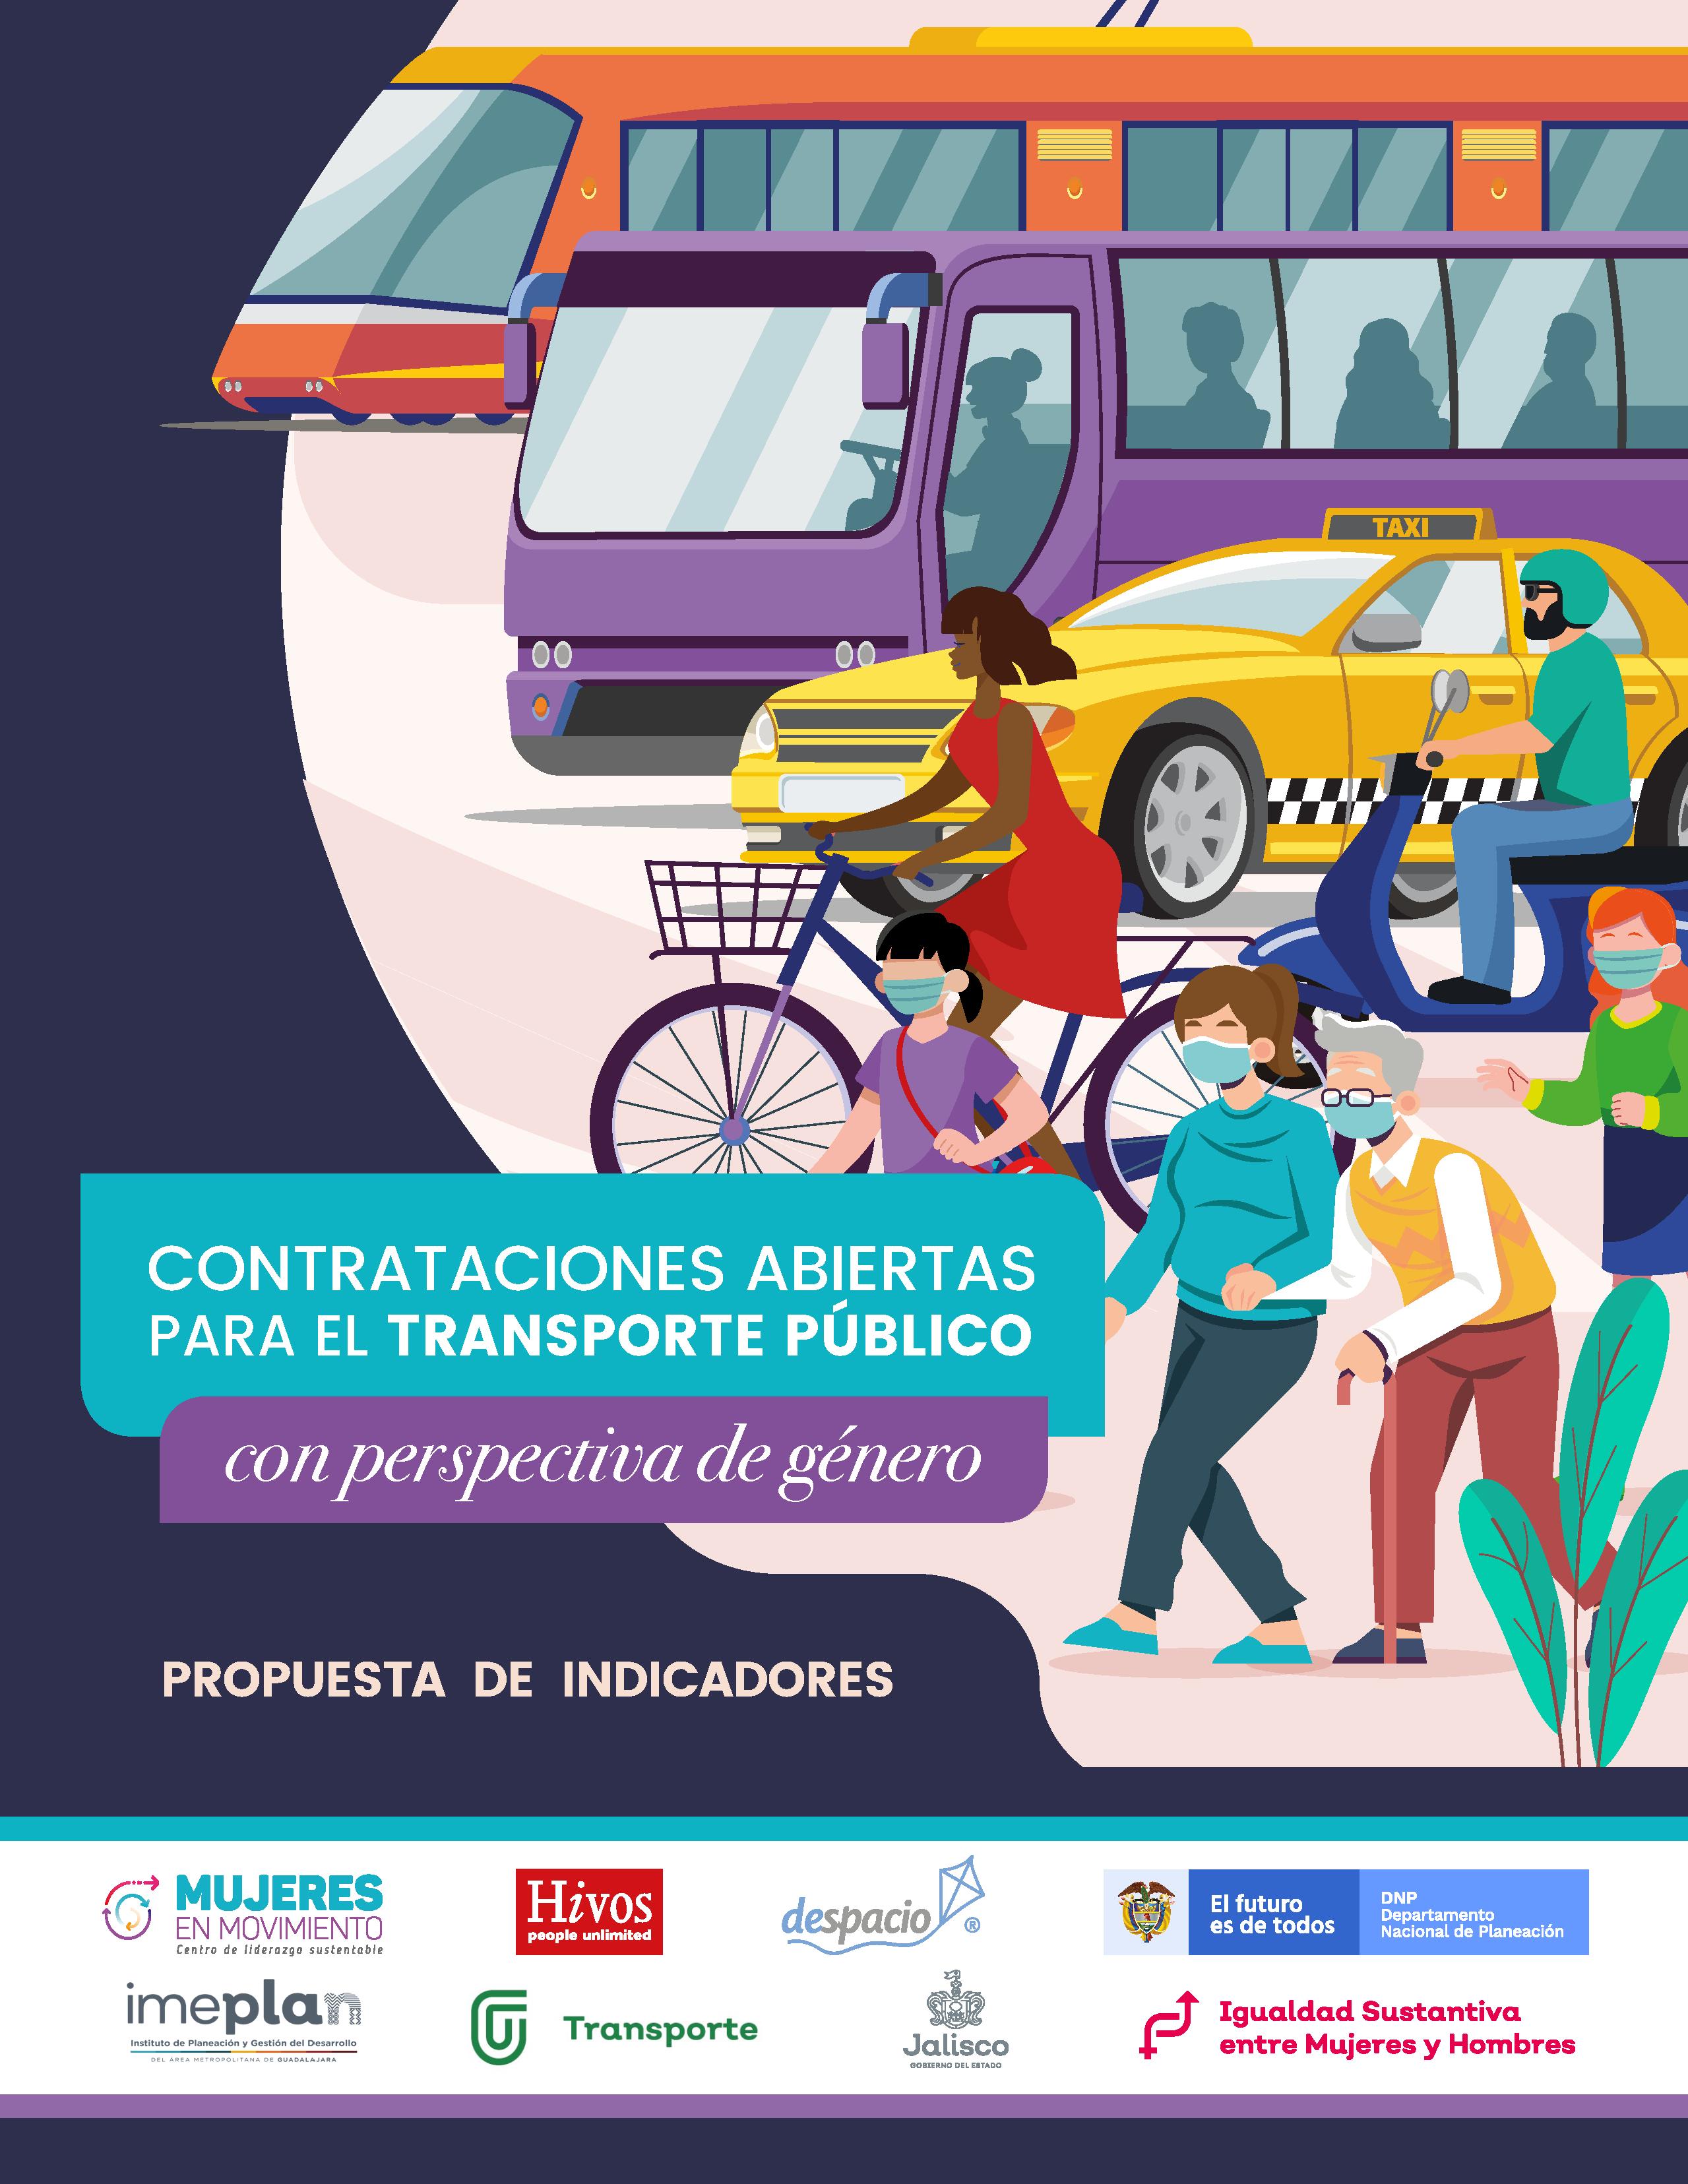 Contrataciones abiertas del transporte público con perspectiva de género